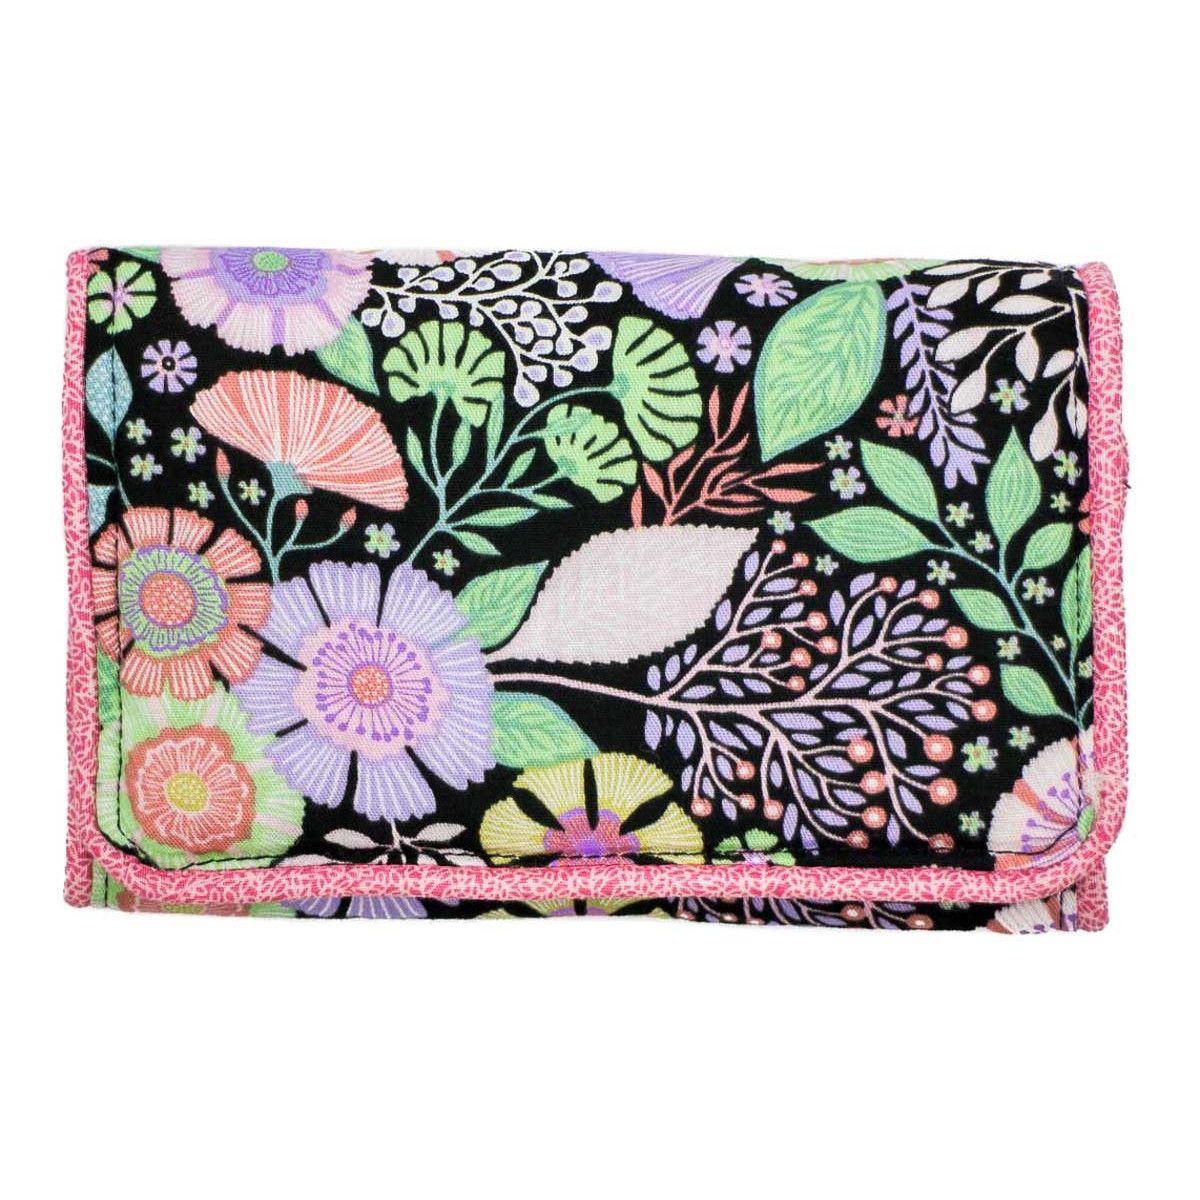 Pochette à barrettes bijoux fille rose noir et fleurs